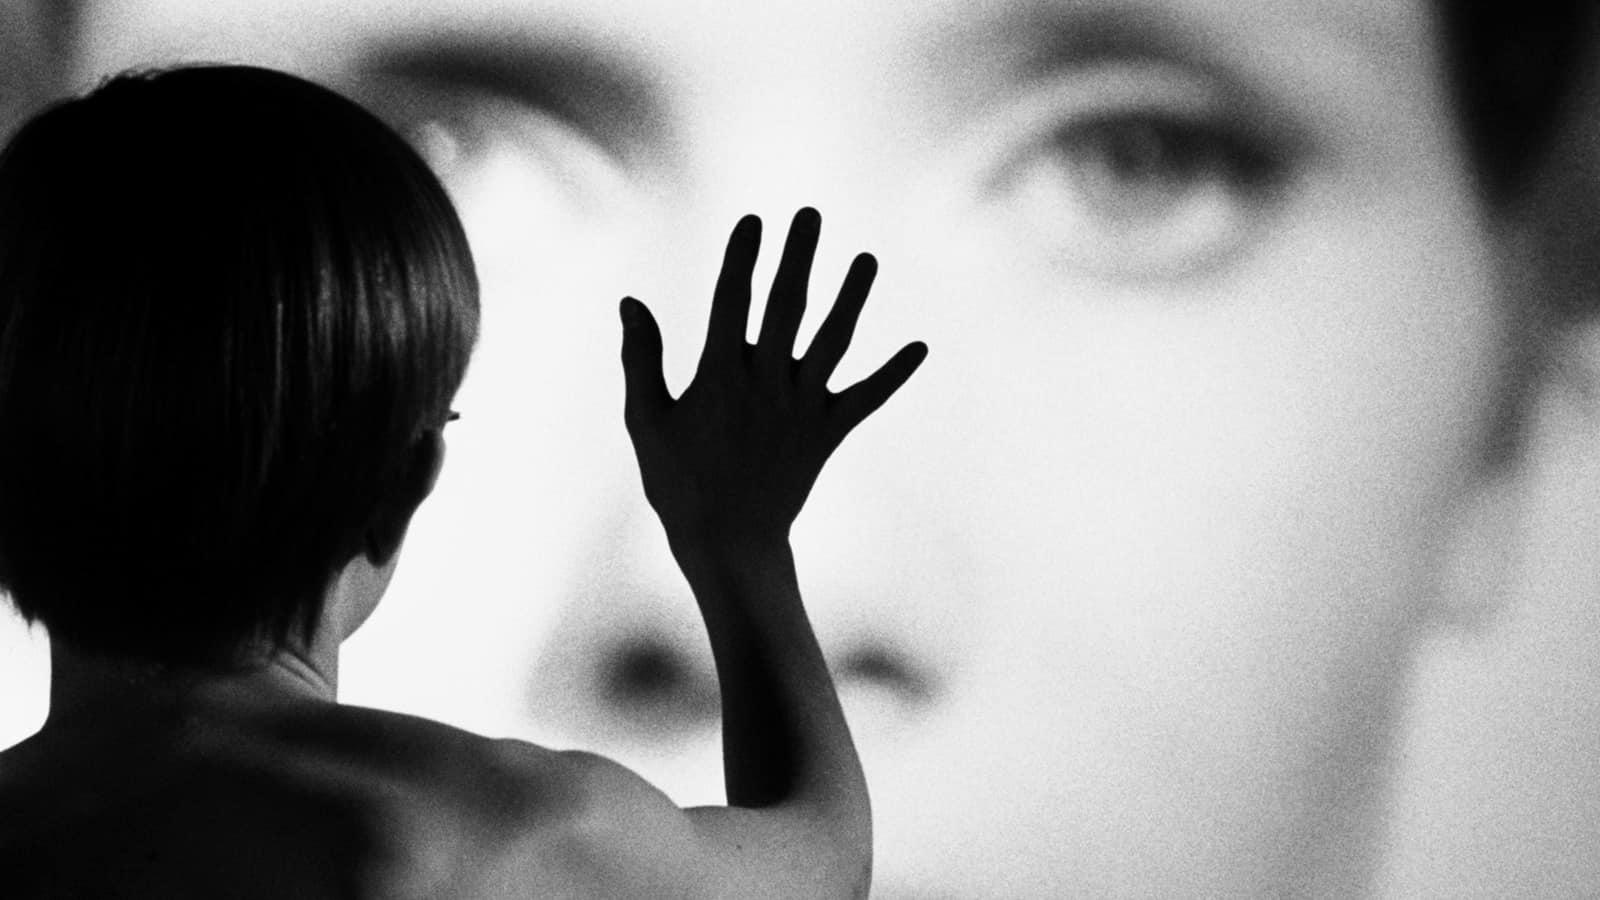 Persona by Ingmar Bergman